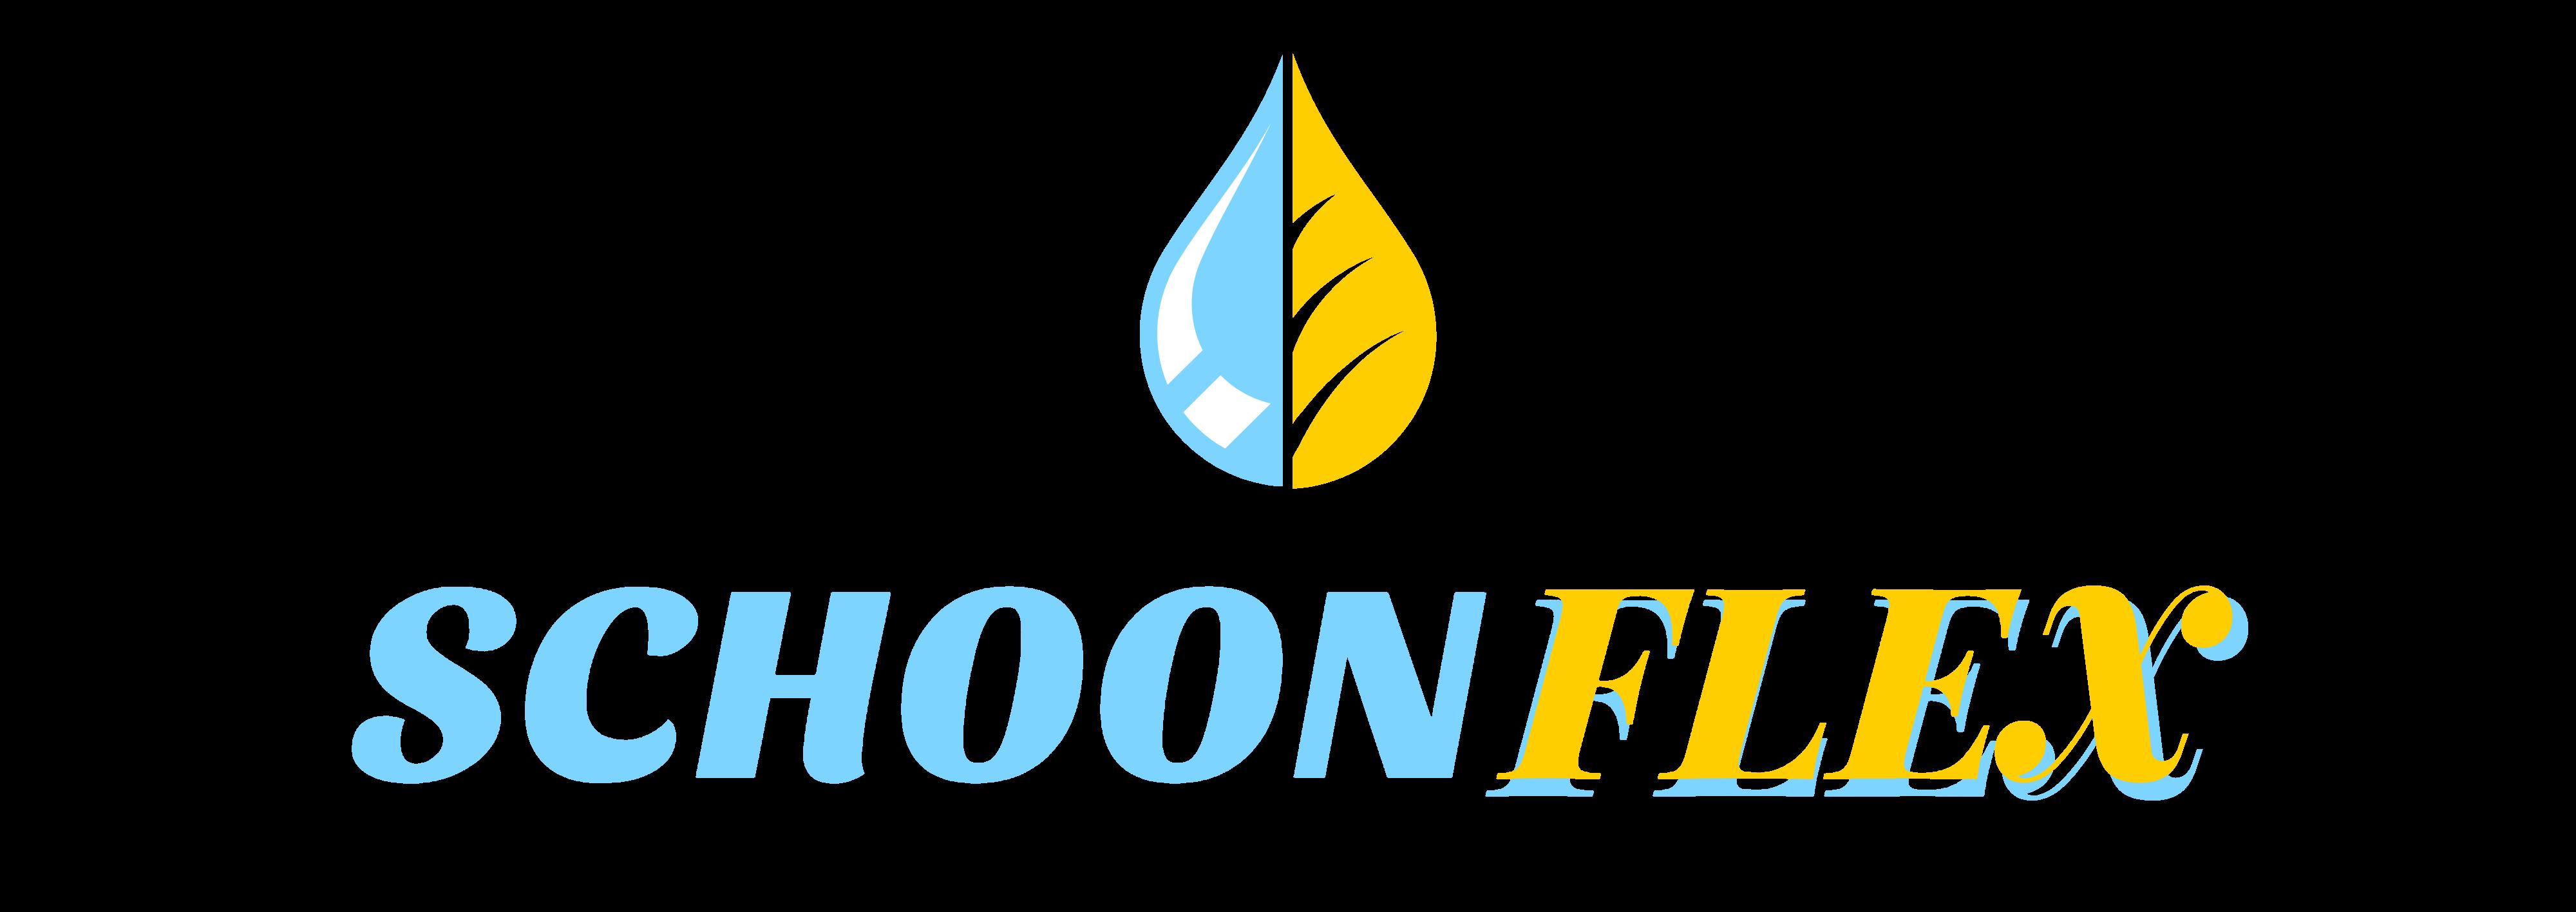 SchoonFlex